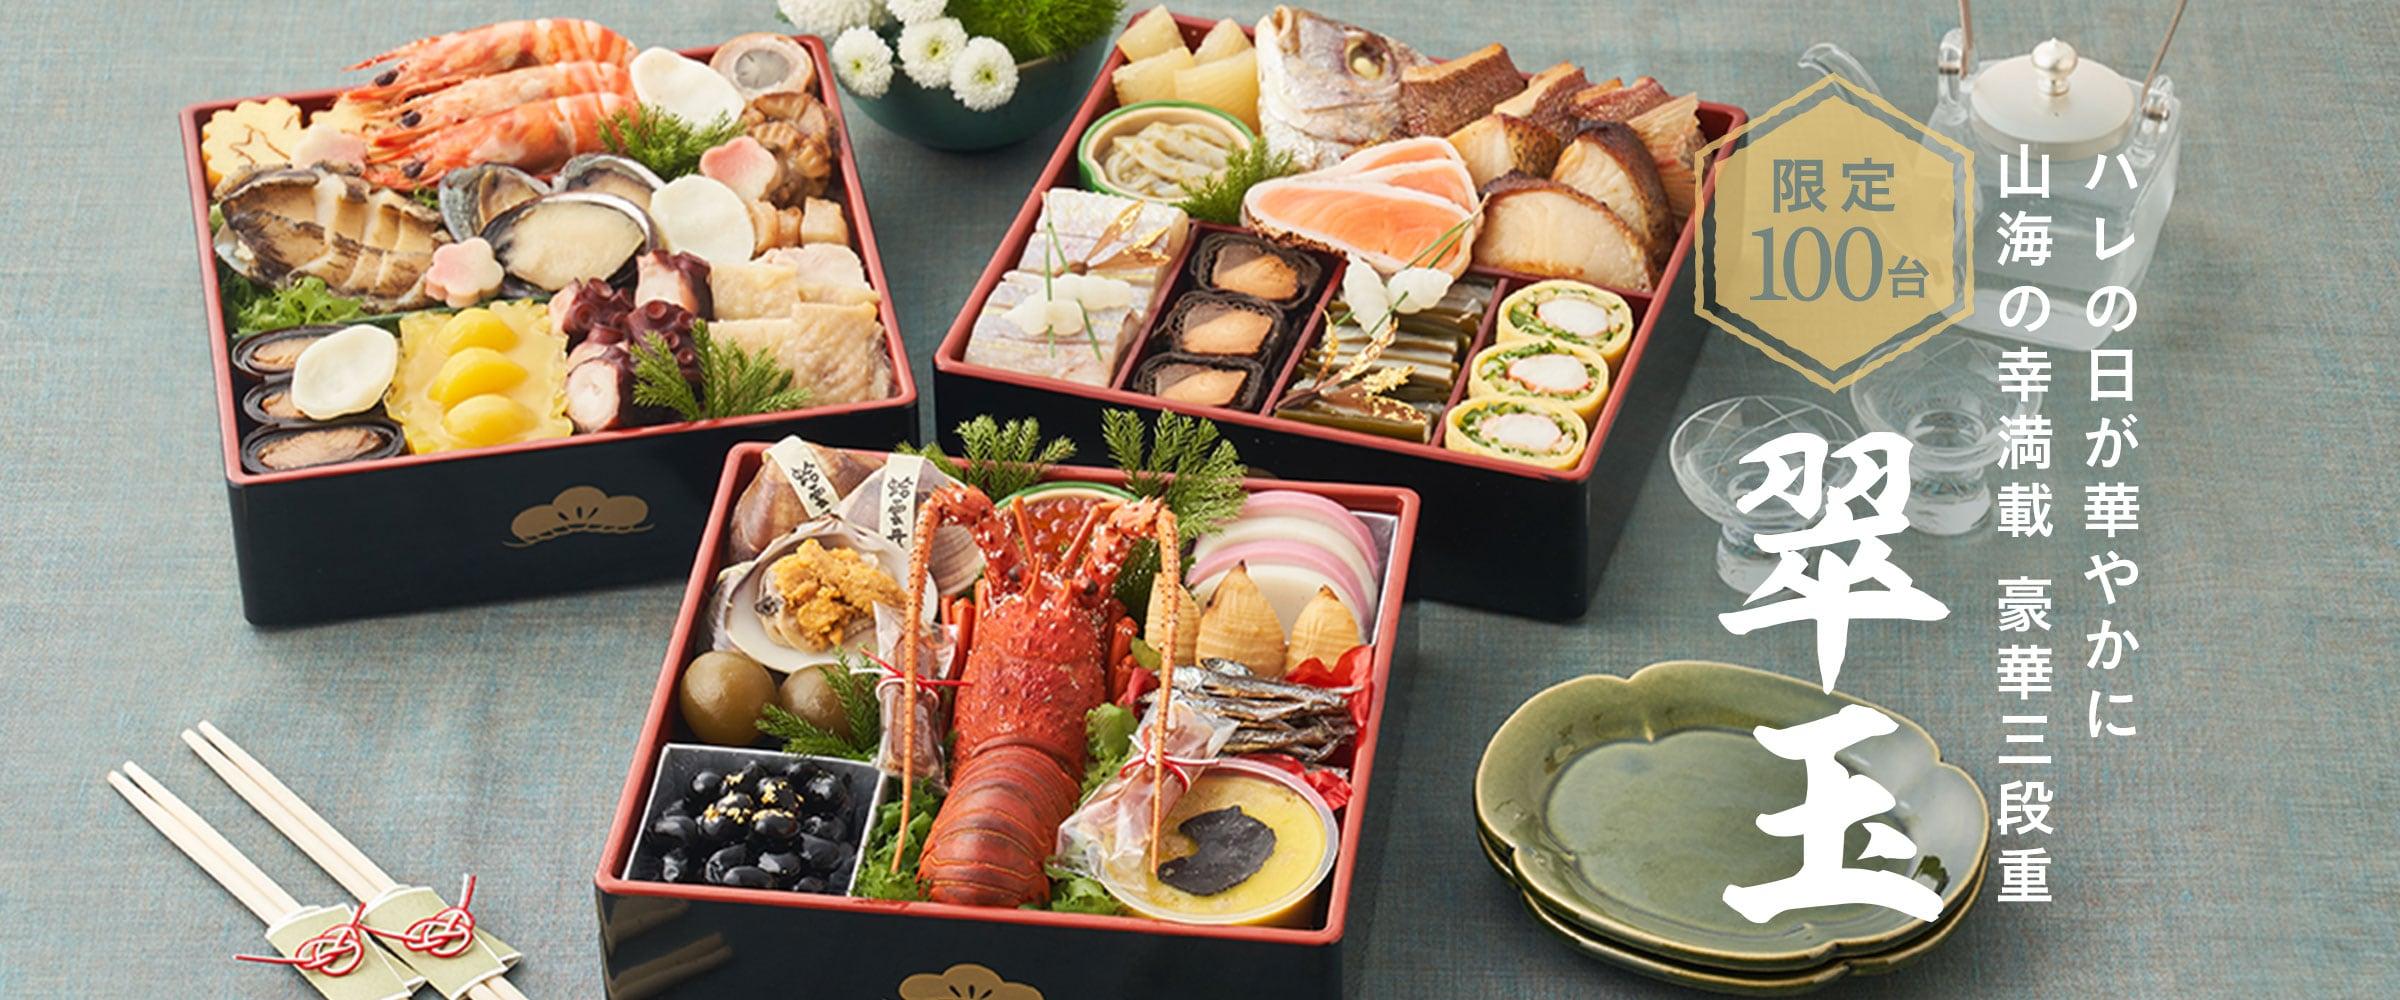 翠玉:ハレの日を彩る山海の幸を味わう贅沢和洋三段重